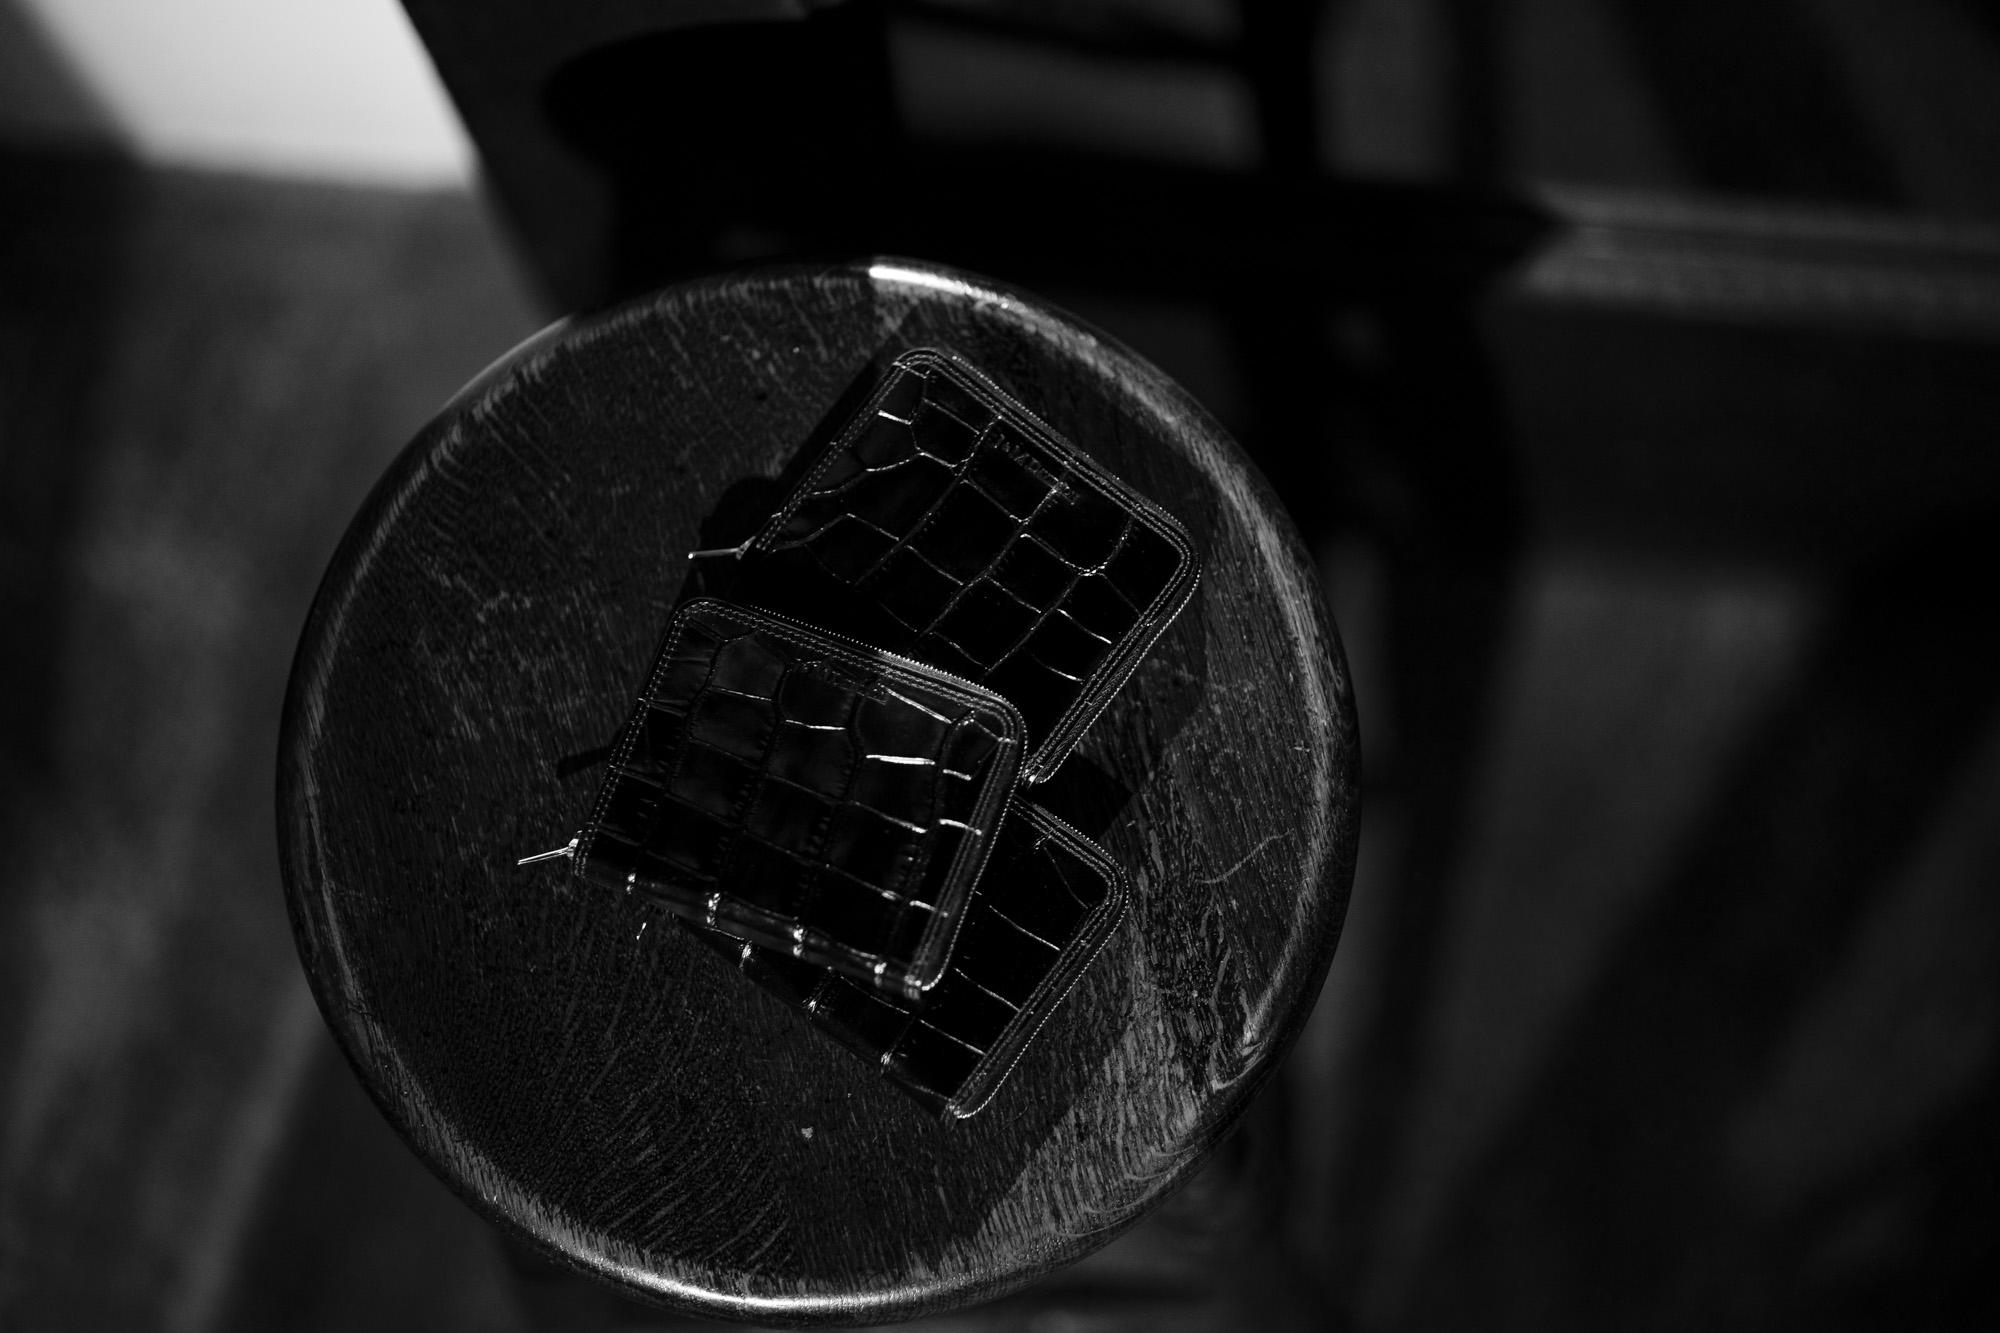 """J&M DAVIDSON """"SMALL ZIP AROUND PURSE"""" 2019AW スモール ジップ アラウンド パース EMBOSSED CROC (クロコダイル型押し) レザー ショートウォレット 折財布 BLACK (ブラック・9990) 2019 秋冬新作 愛知 名古屋 altoediritto アルトエデリット"""